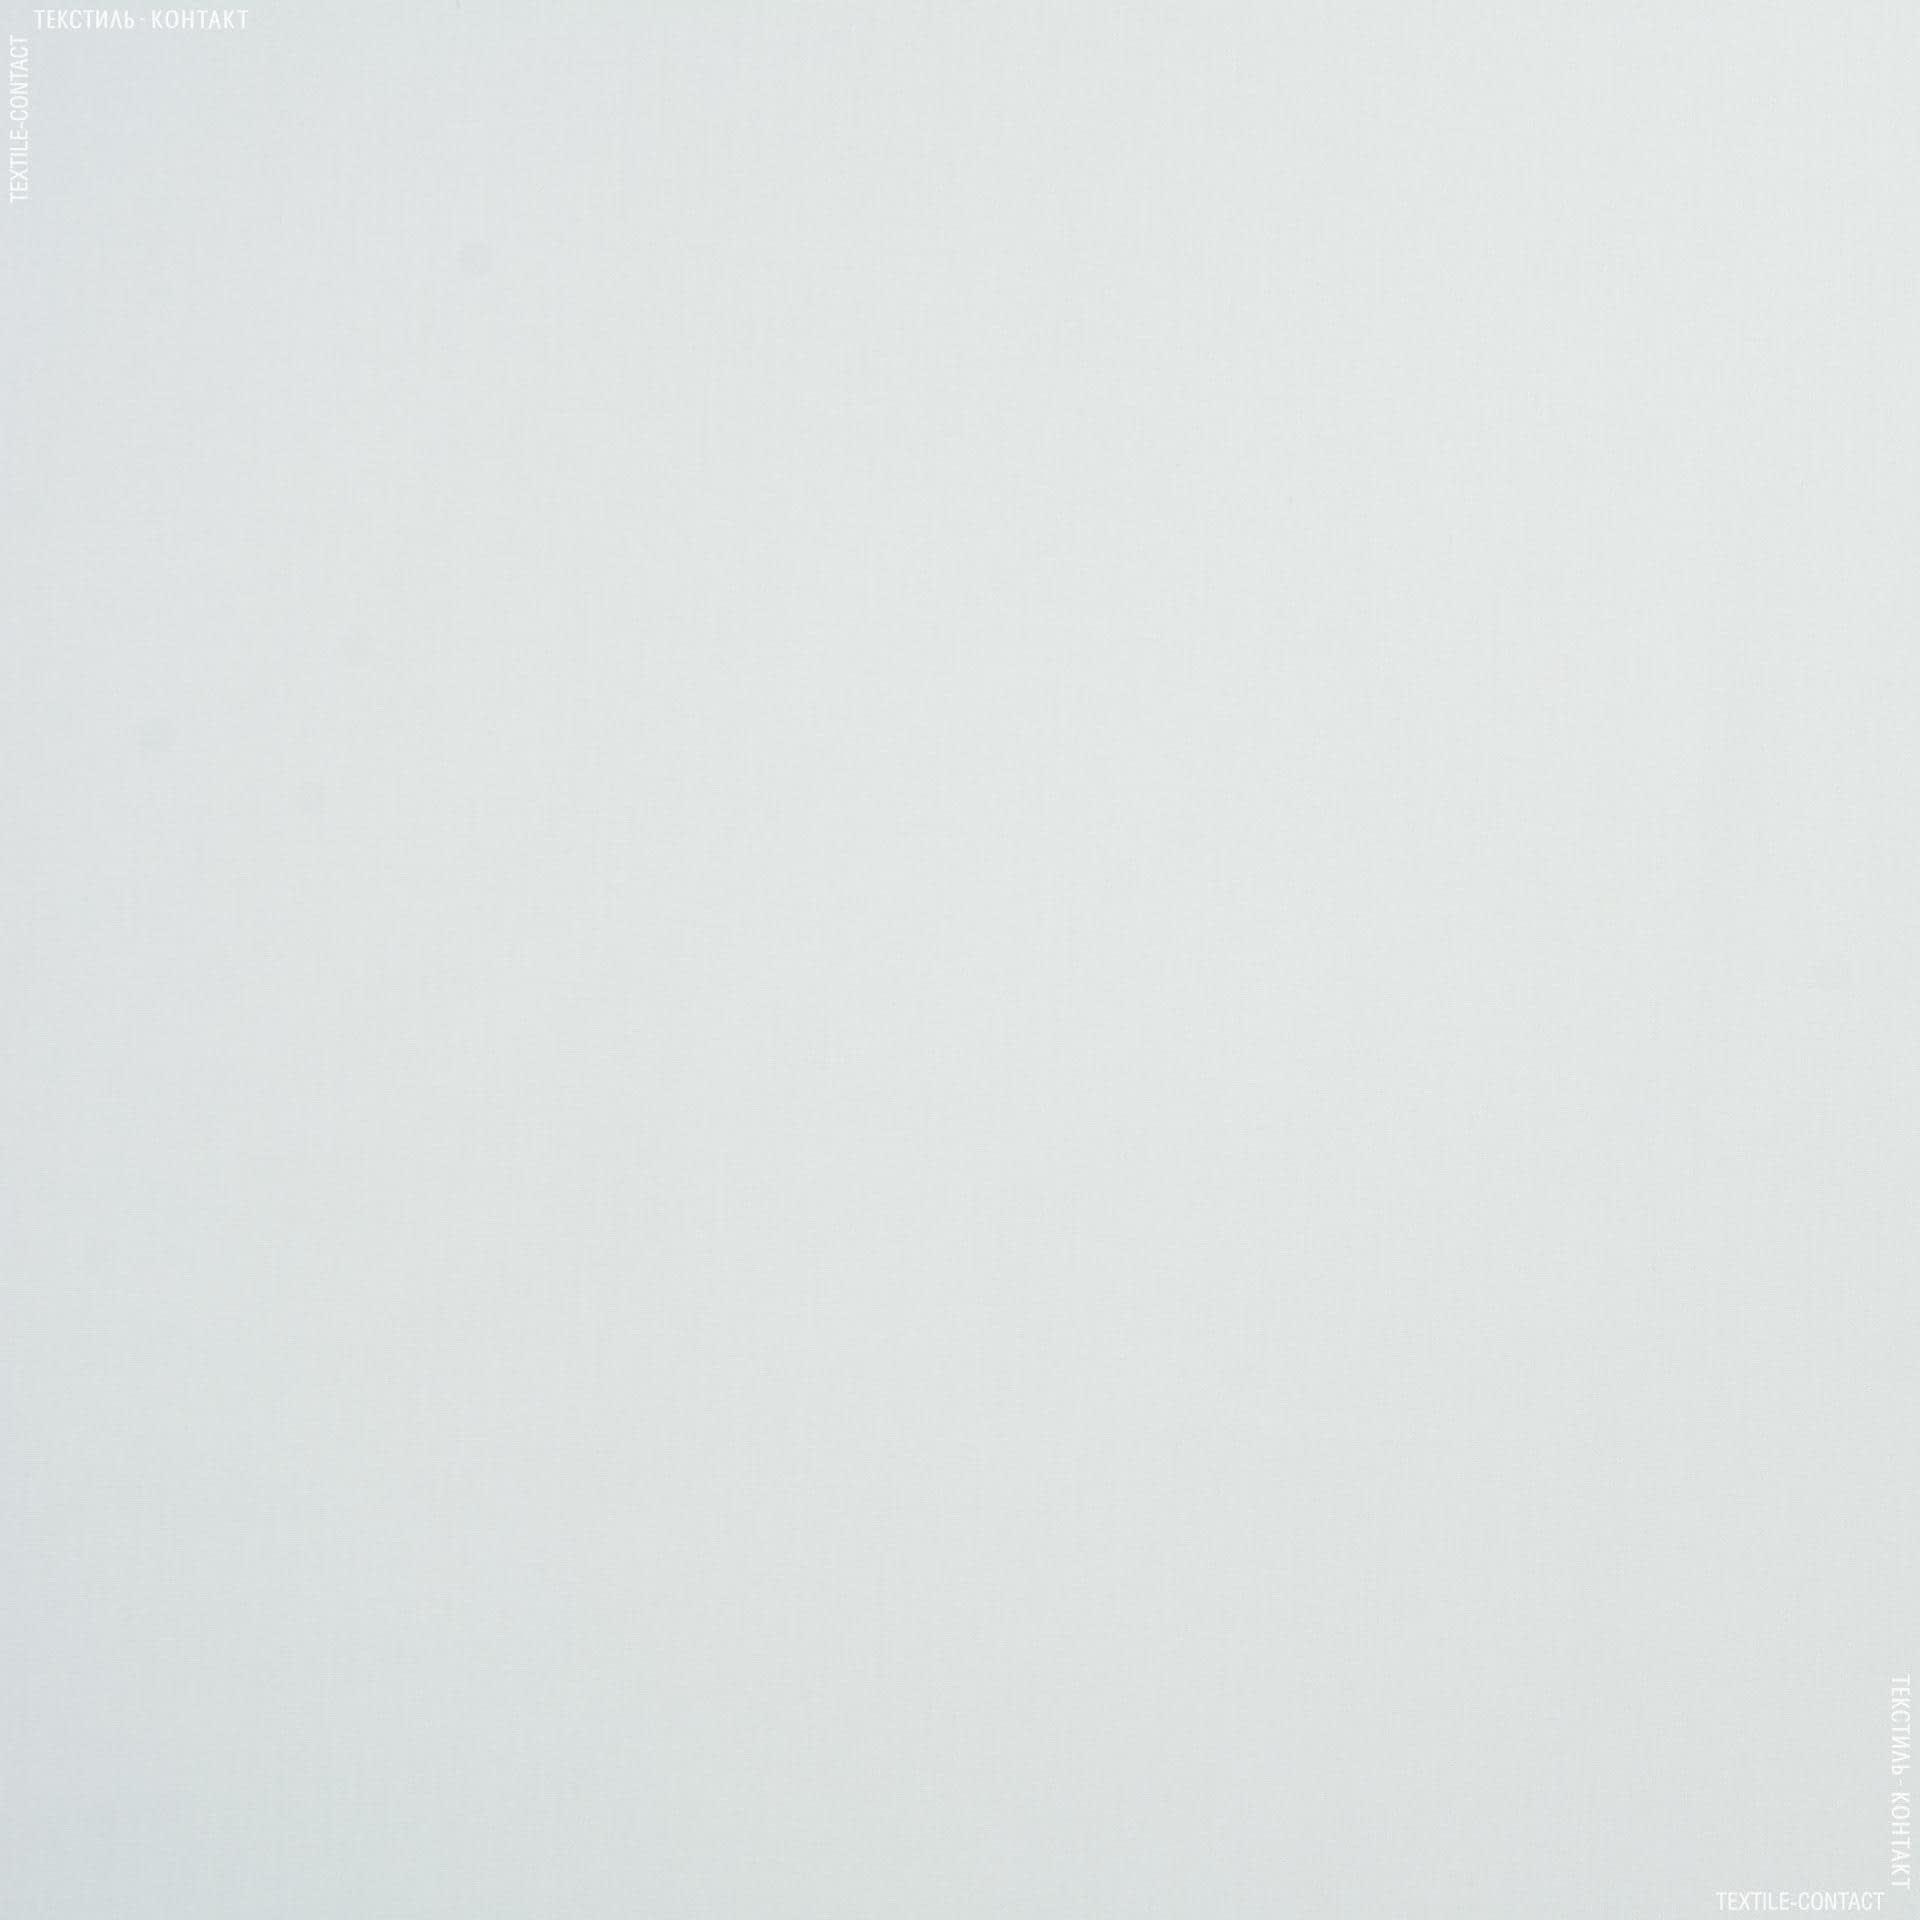 Тканини для мед. одягу - Сорочкова світло-сірий